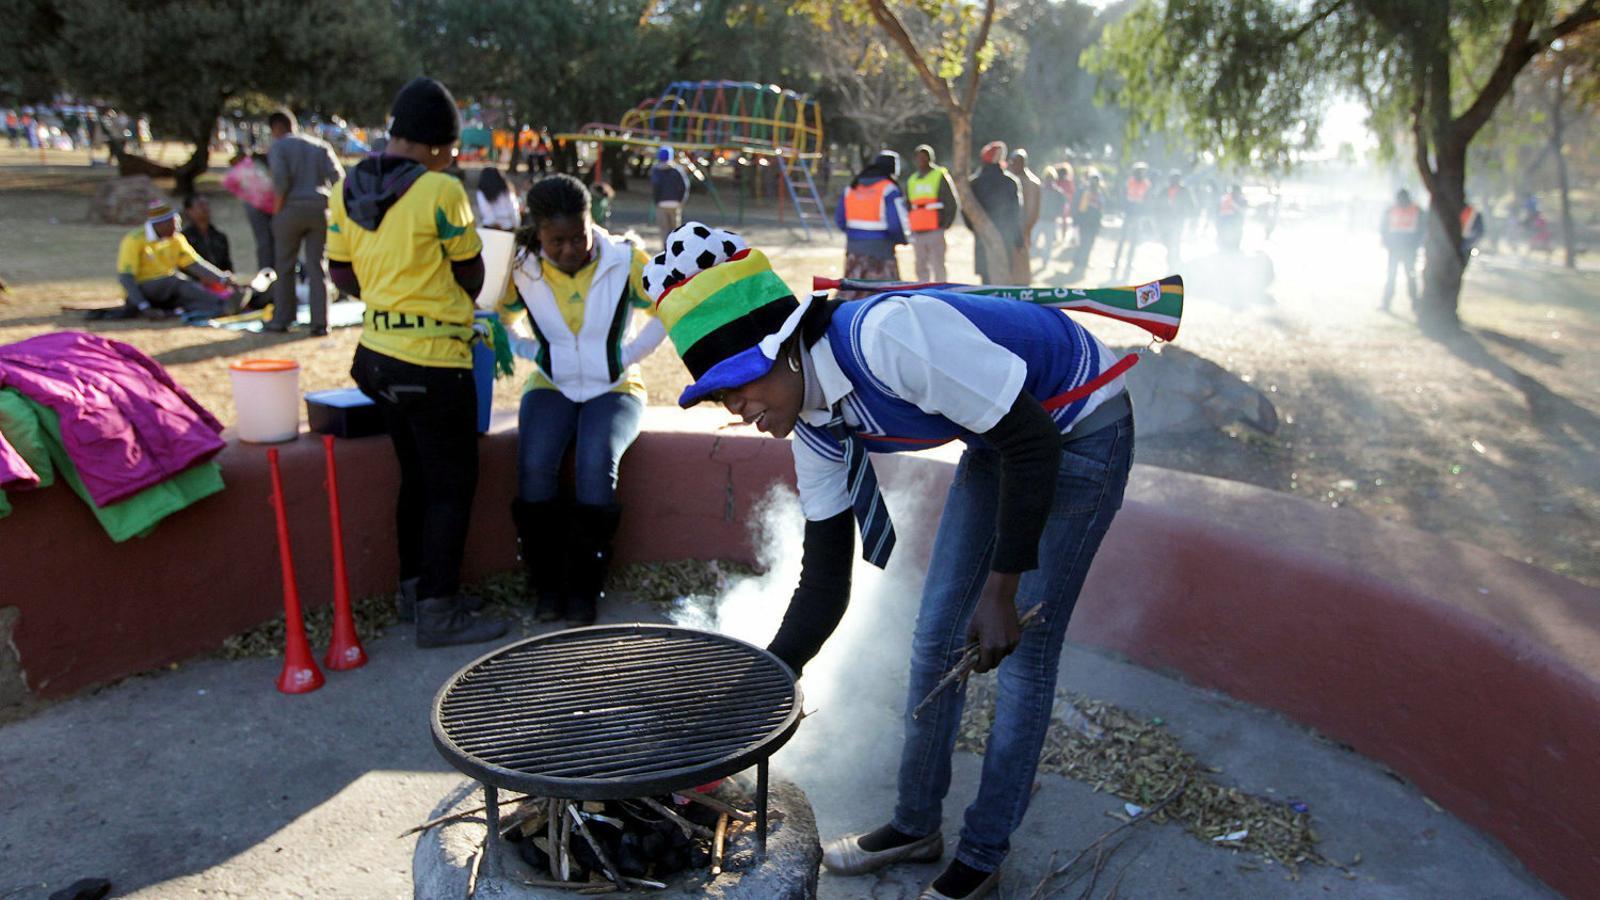 La barbacoa, l'únic que uneix Sud-àfrica